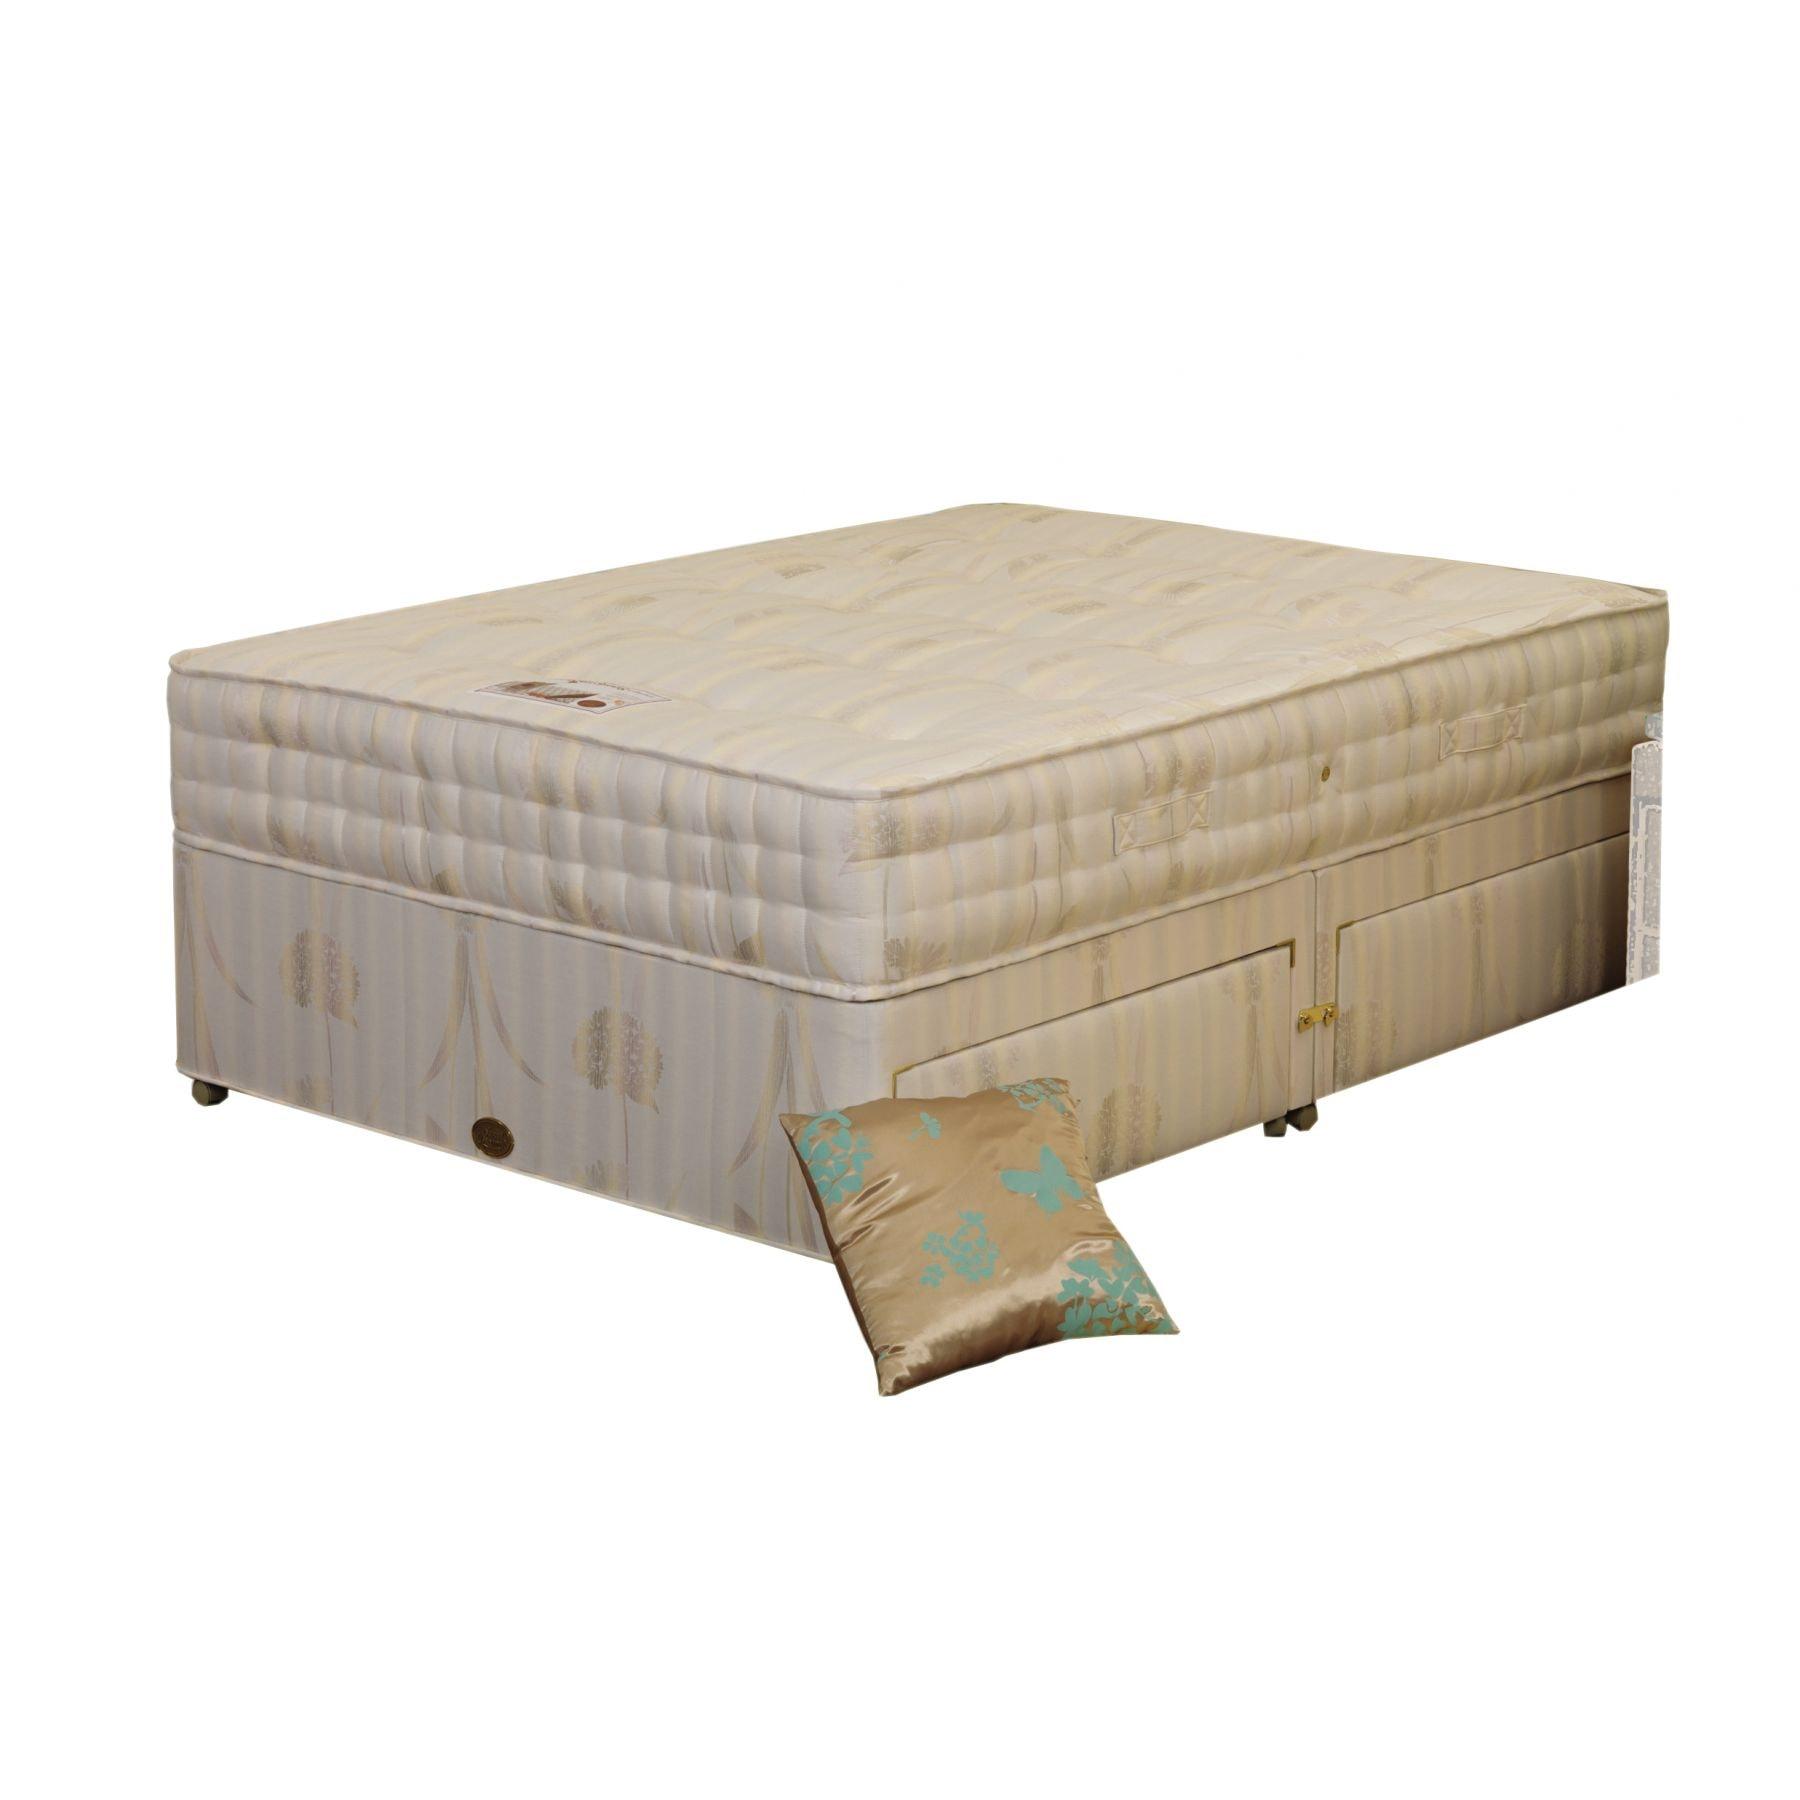 Alexandria divan base mattress for Divan mattress sale